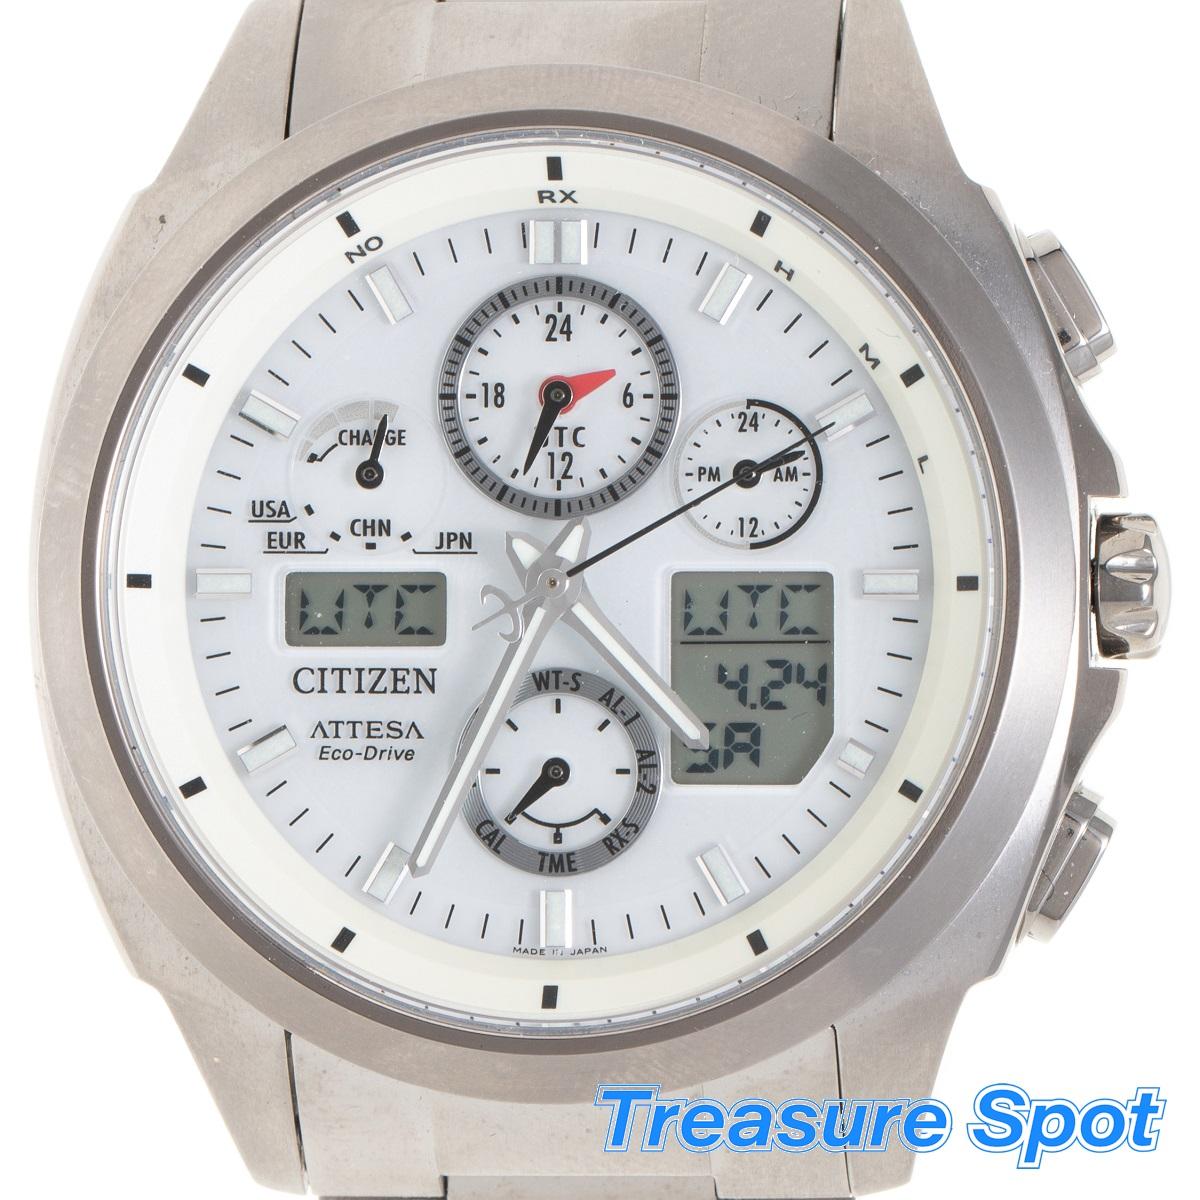 シチズン CITIZEN アテッサ ATV53-3021 ソーラー 電波時計 チタン Ti メンズ 腕時計 未使用展示品 【トレジャースポット】【中古】